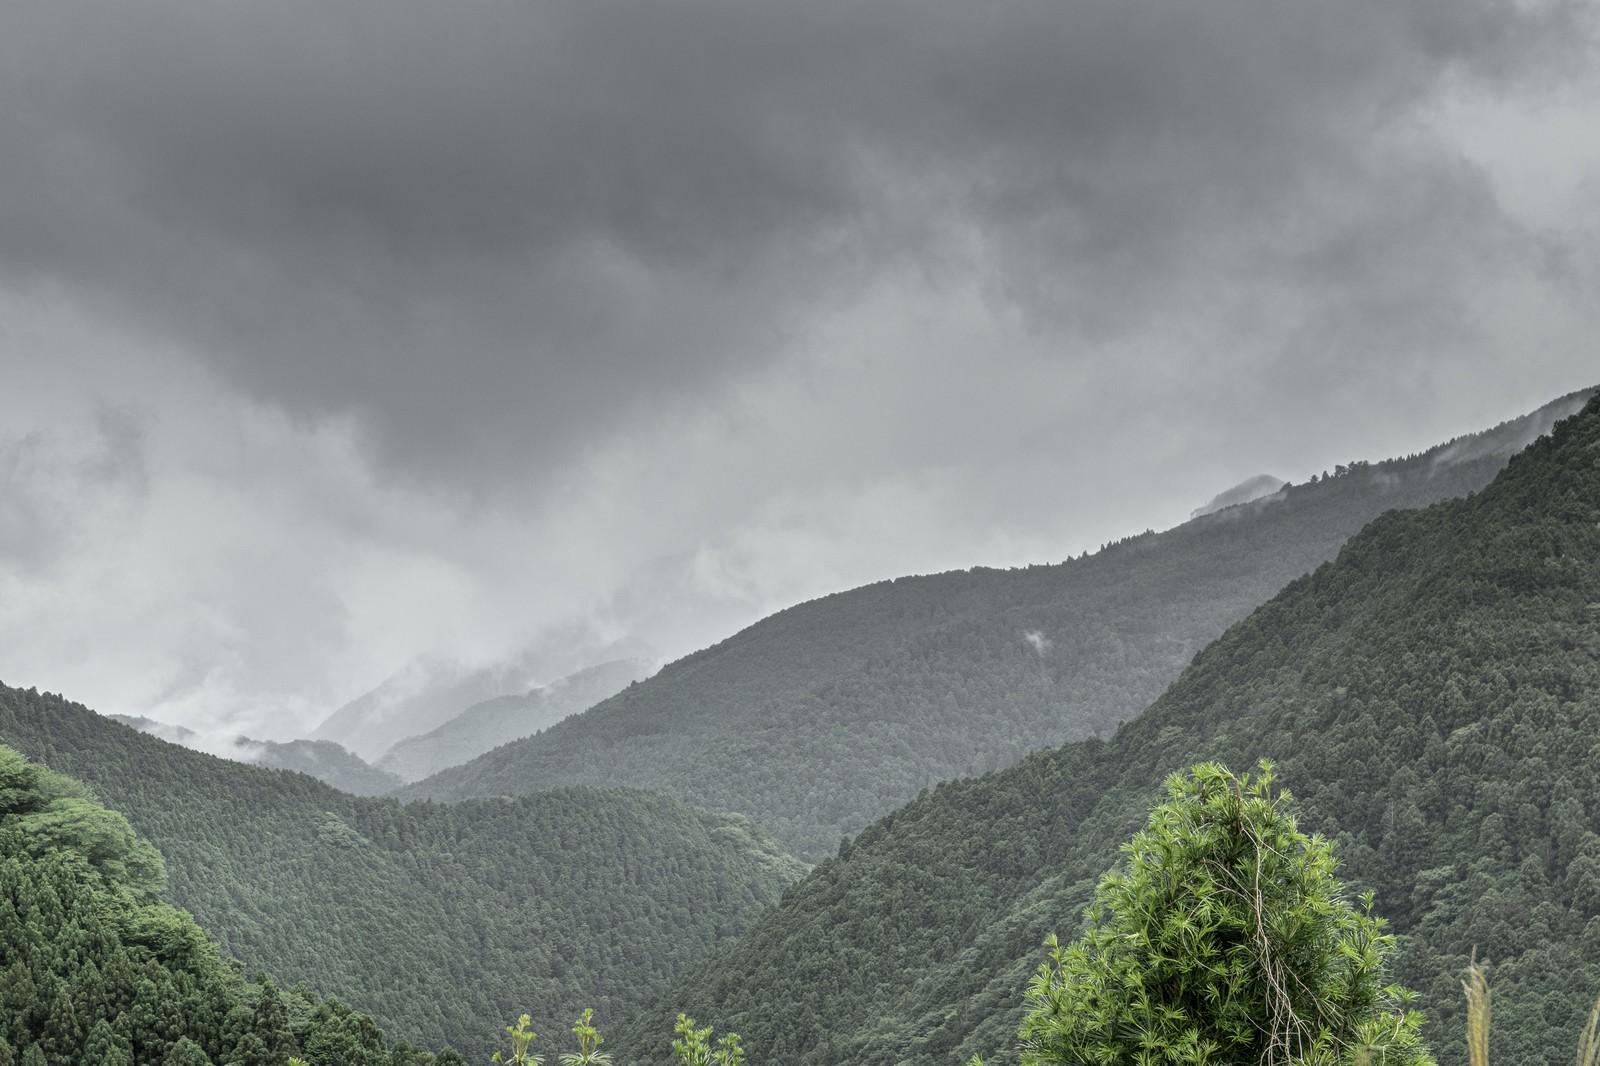 「連なる山」の写真